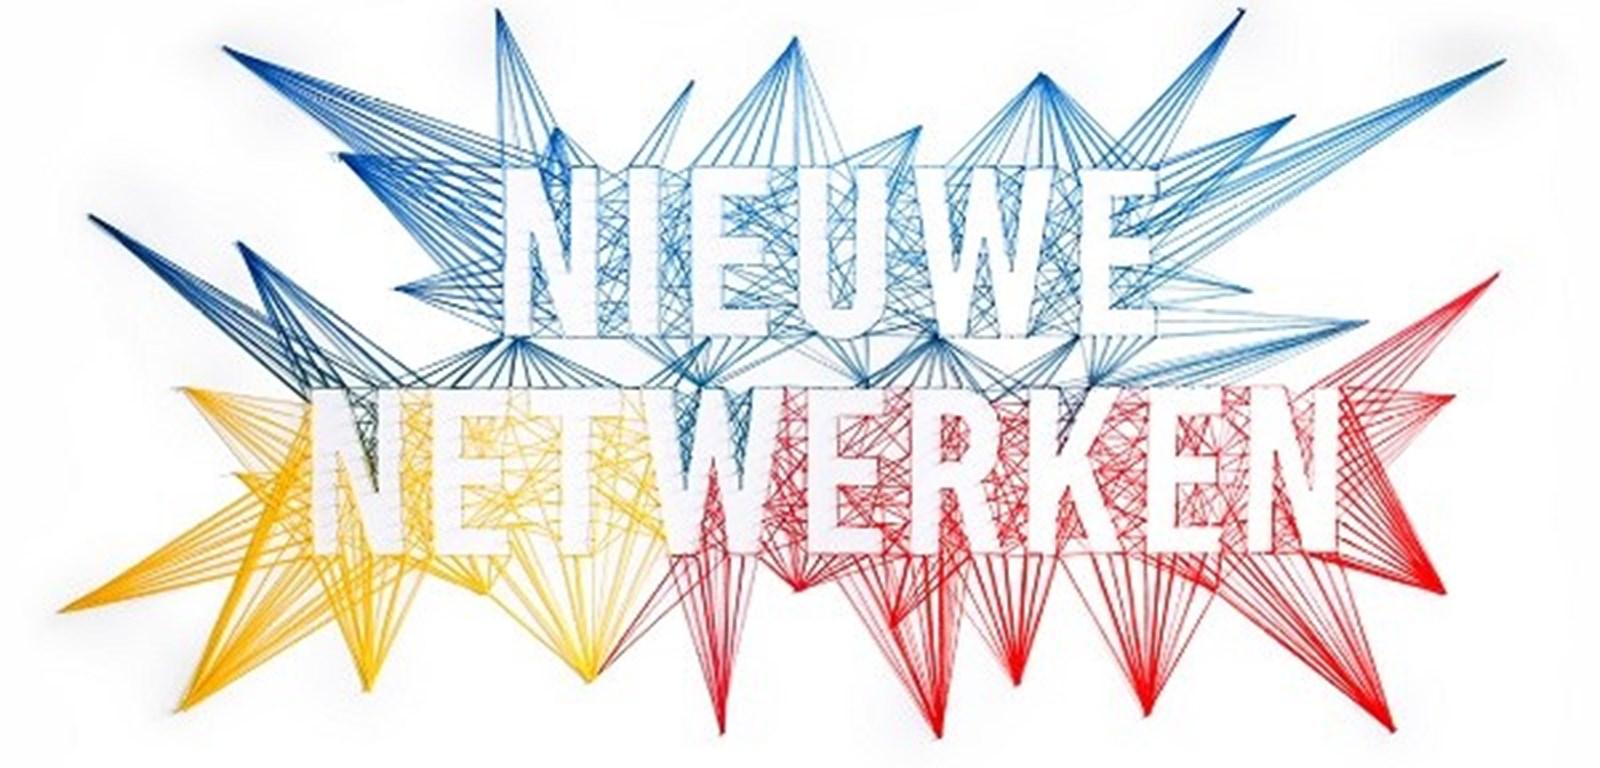 Terugblik-magazine congres Nieuwe Netwerken